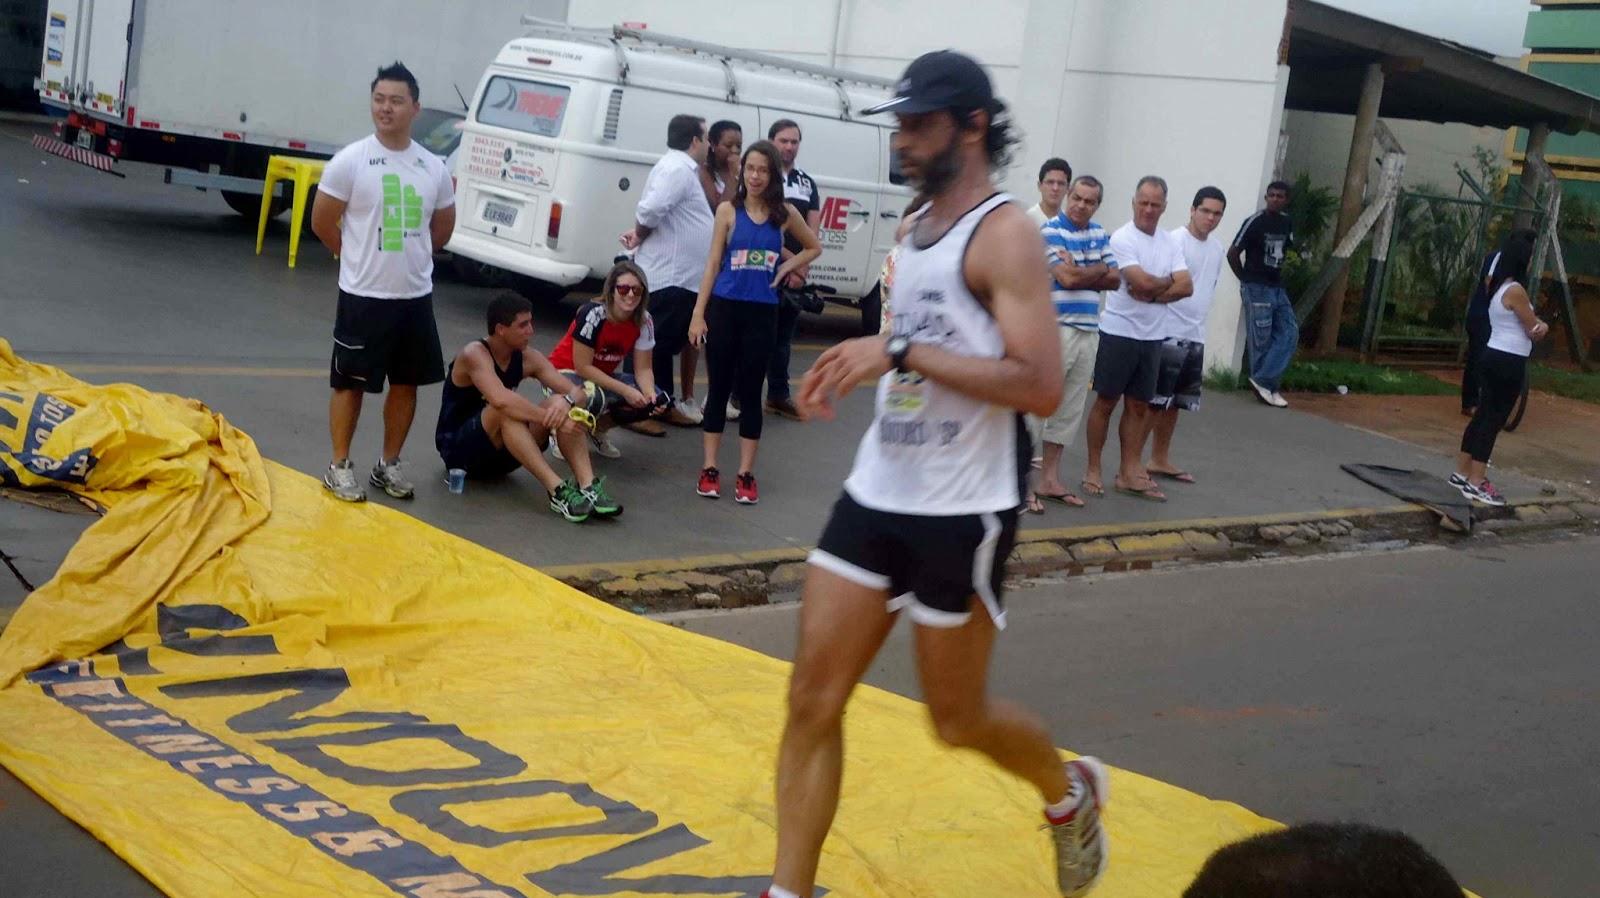 Foto 132 da 1ª Corrida Av. dos Coqueiros em Barretos-SP 14/04/2013 – Atletas cruzando a linha de chegada